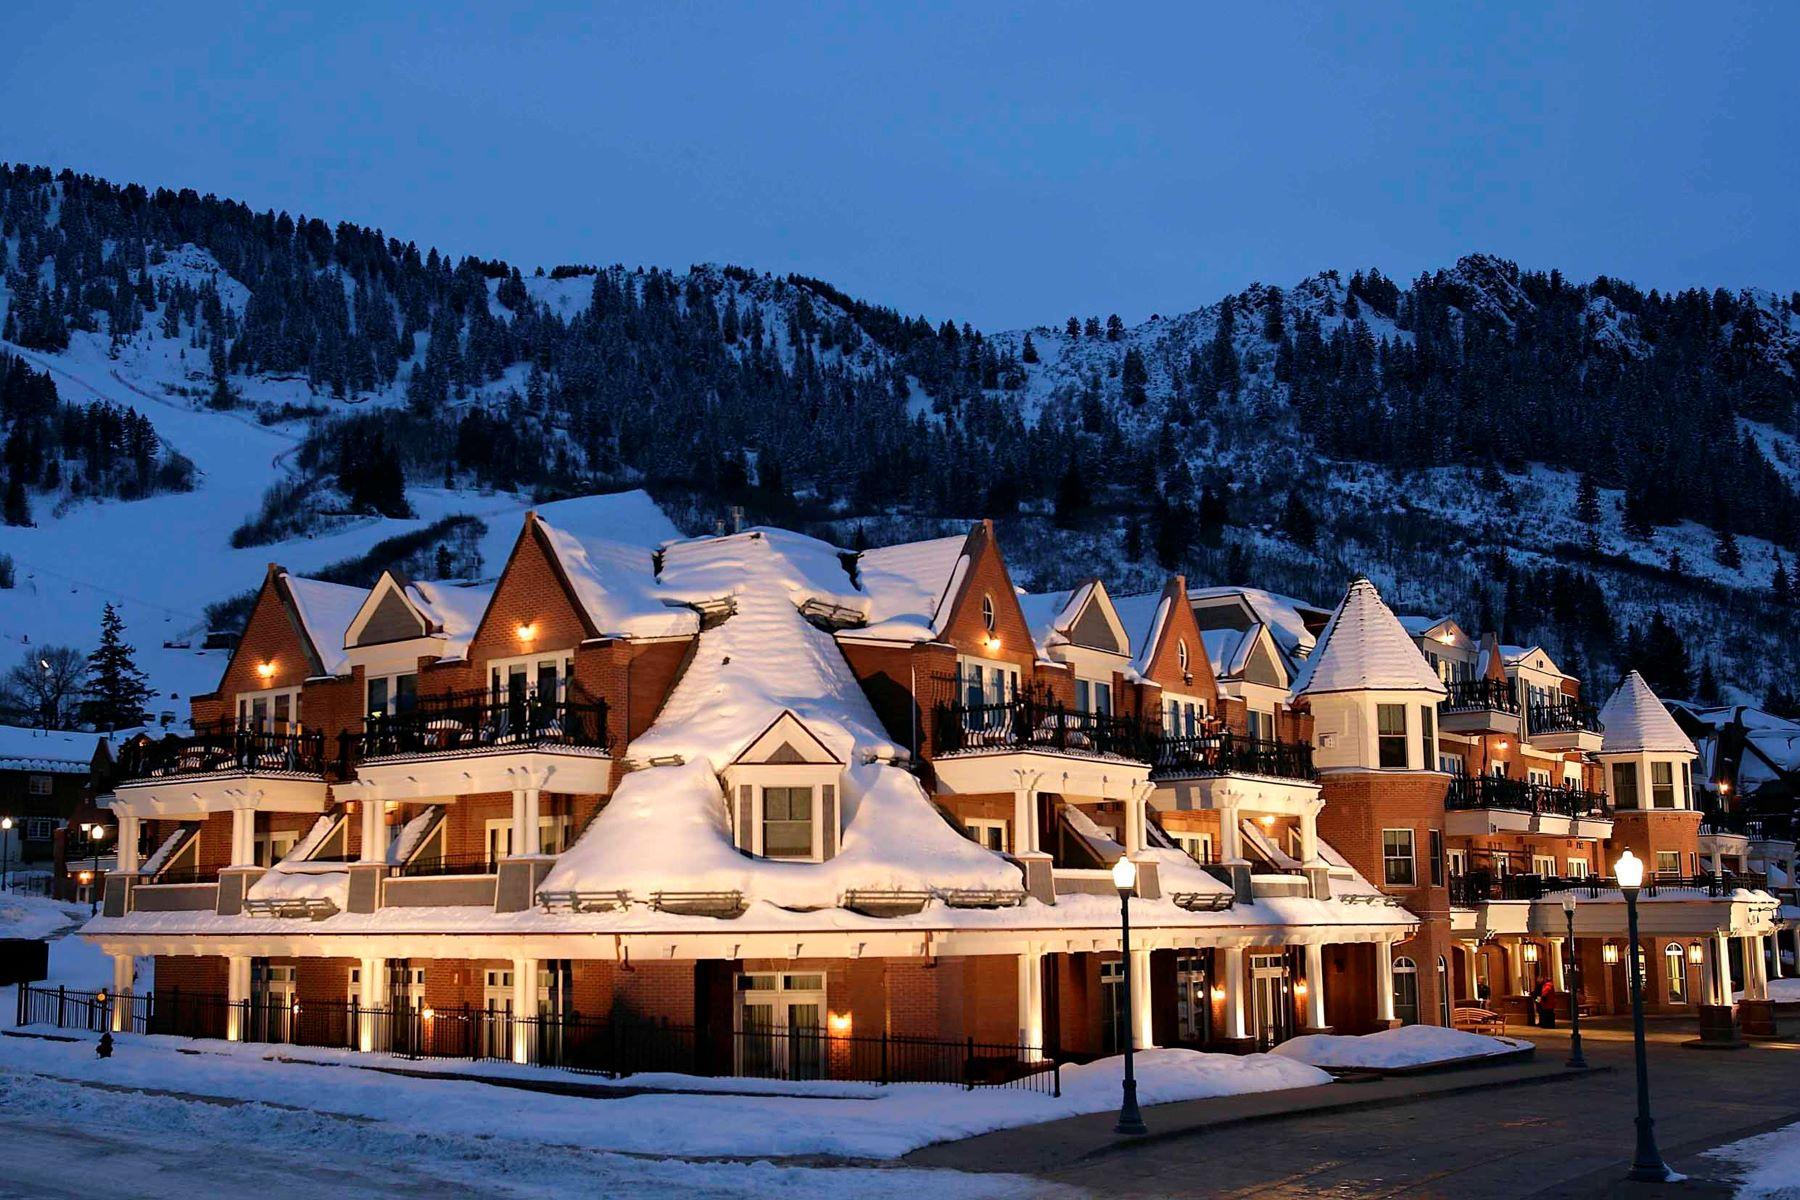 Кондоминиум для того Продажа на The Hyatt Grand Aspen 415 East Dean Street Unit #2-Week 31, Aspen, Колорадо, 81611 Соединенные Штаты